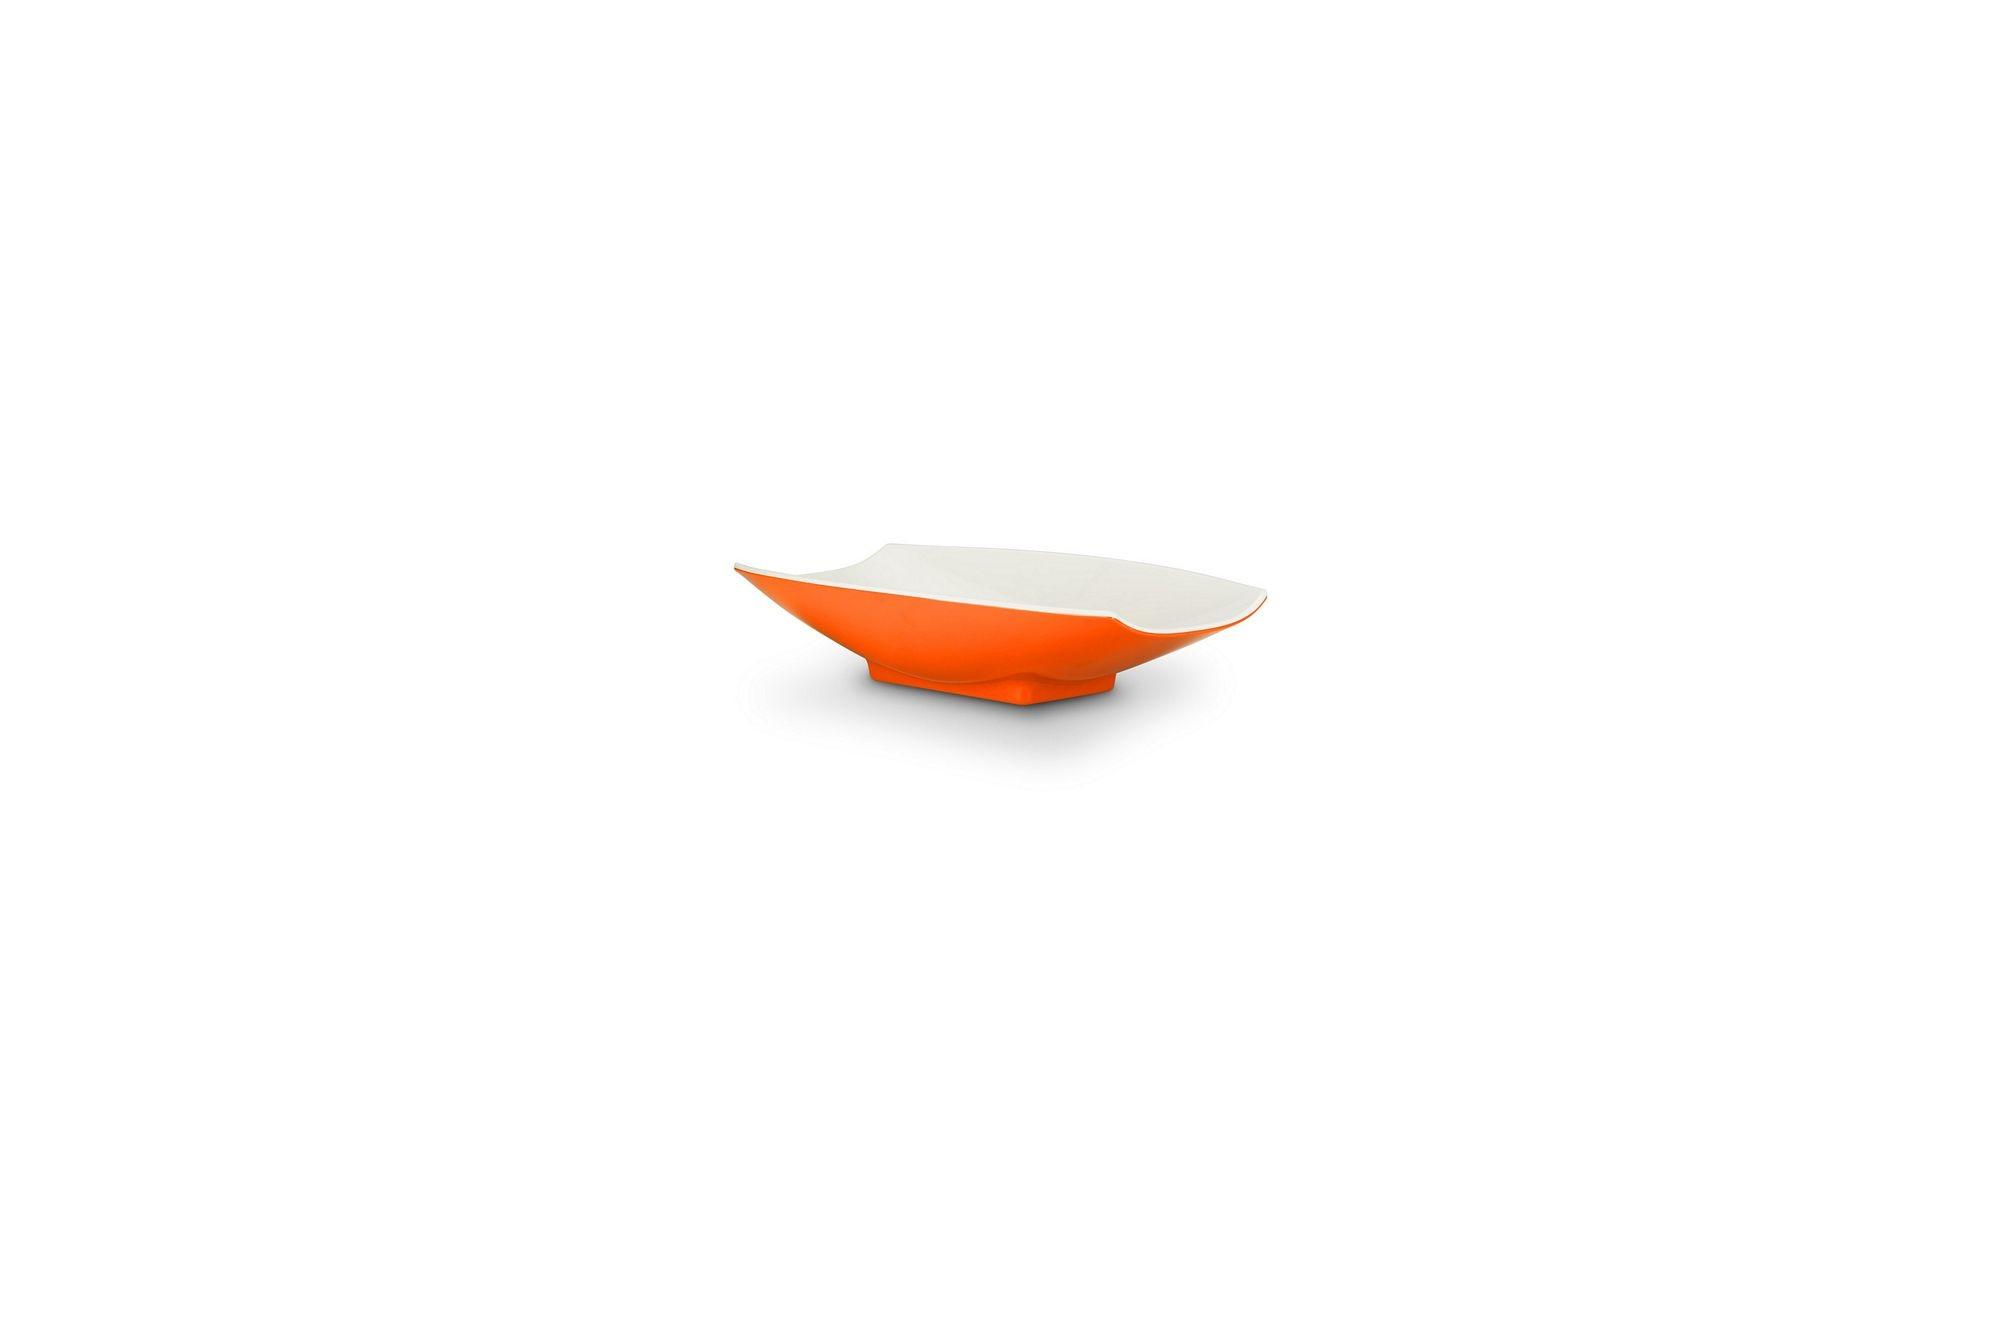 Bon Chef 53700-2ToneOrange Melamine Curves Bowl, Orange Outside/White Inside 4 oz.